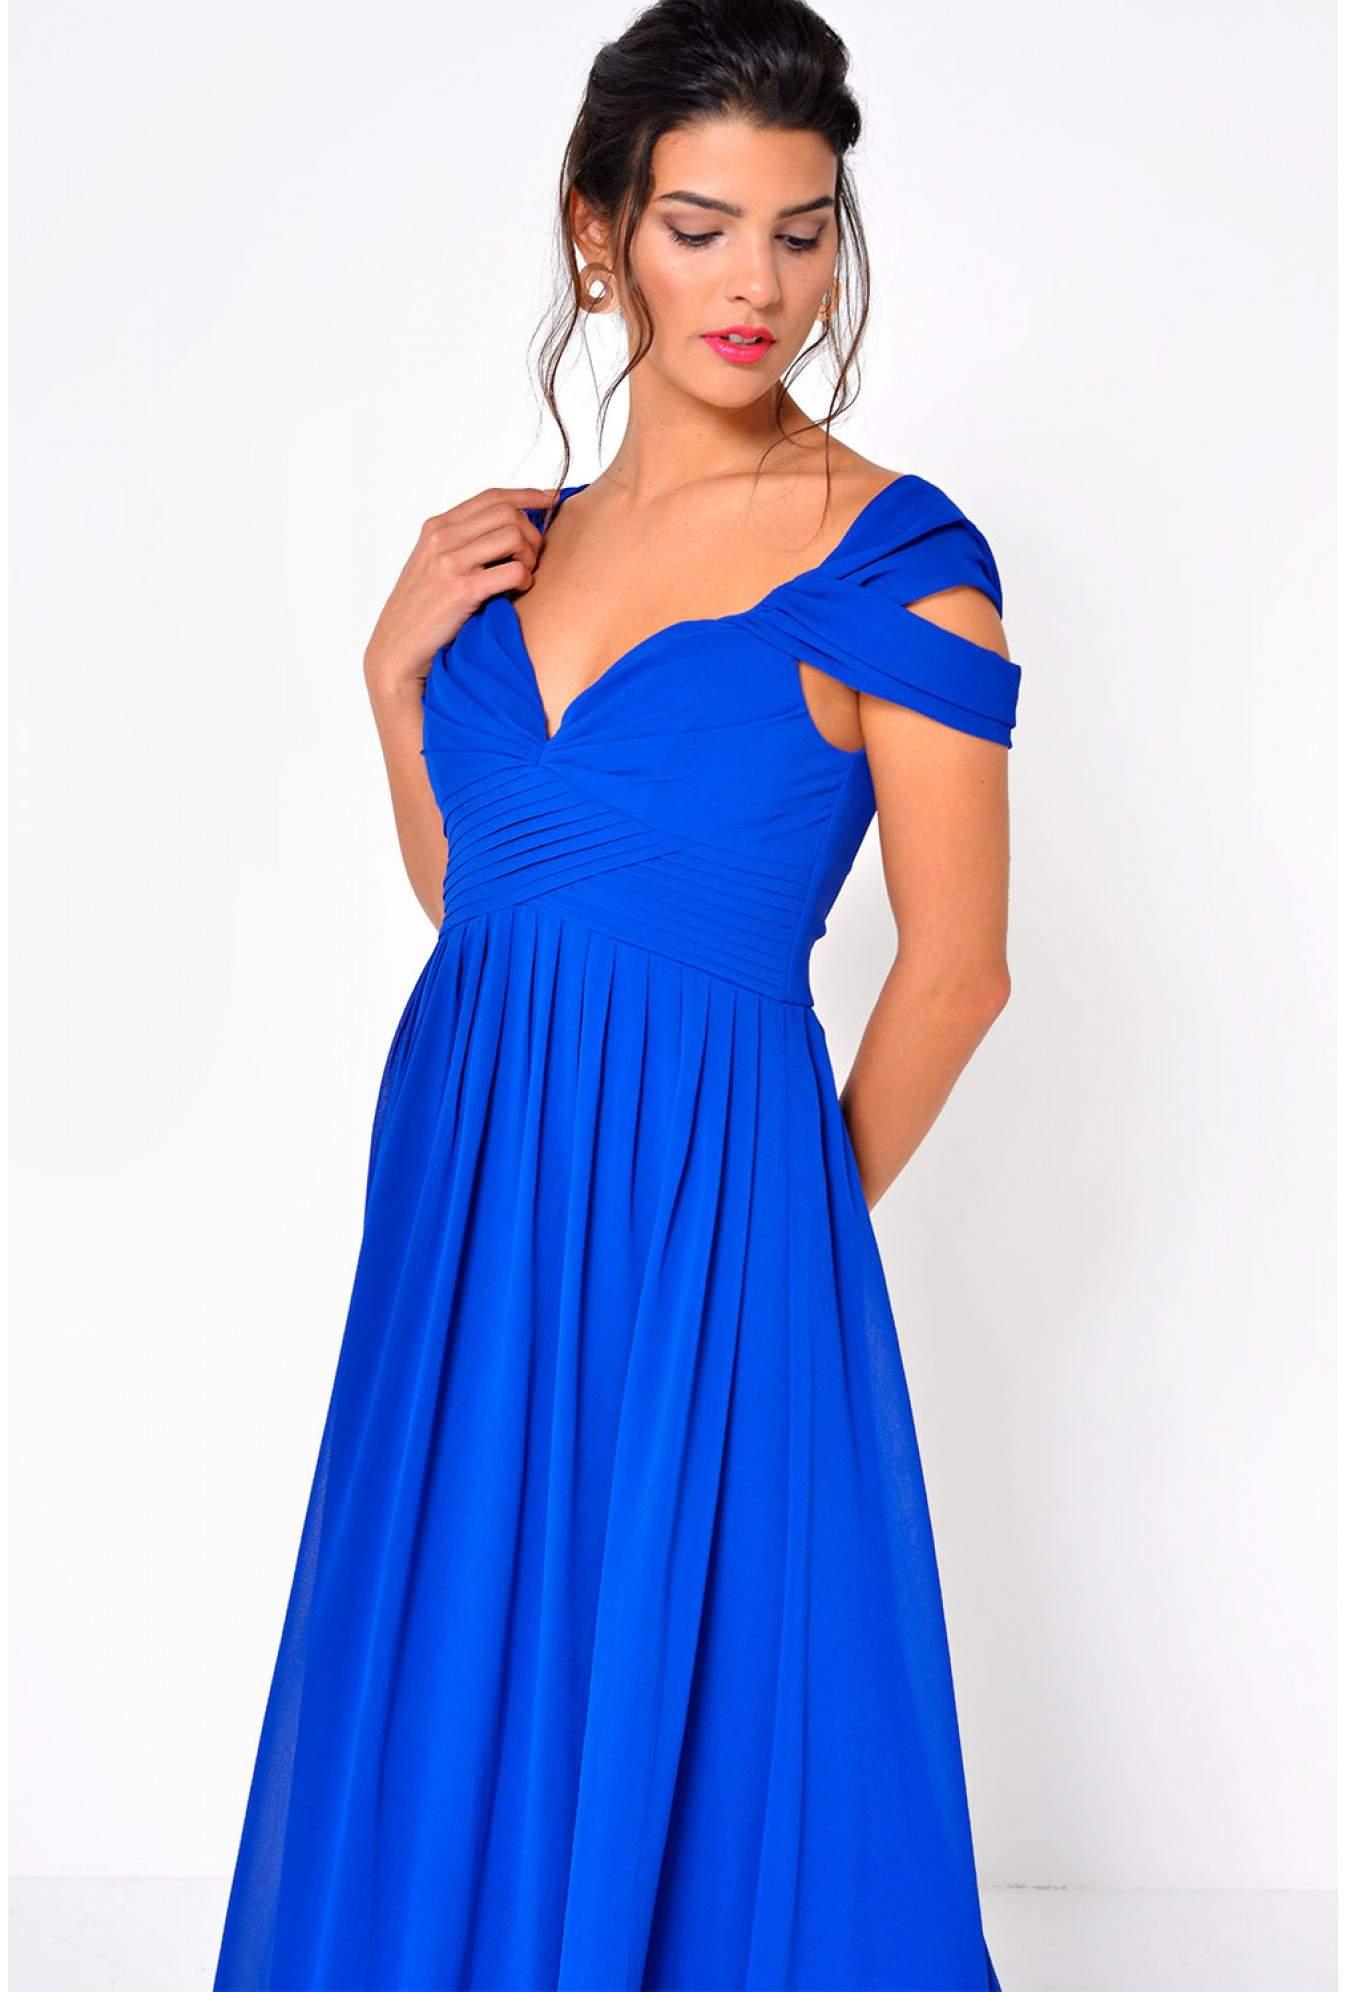 0fcd3a56c4ef7 Stella Sandy Off Shoulder Maxi Dress in Blue | iCLOTHING